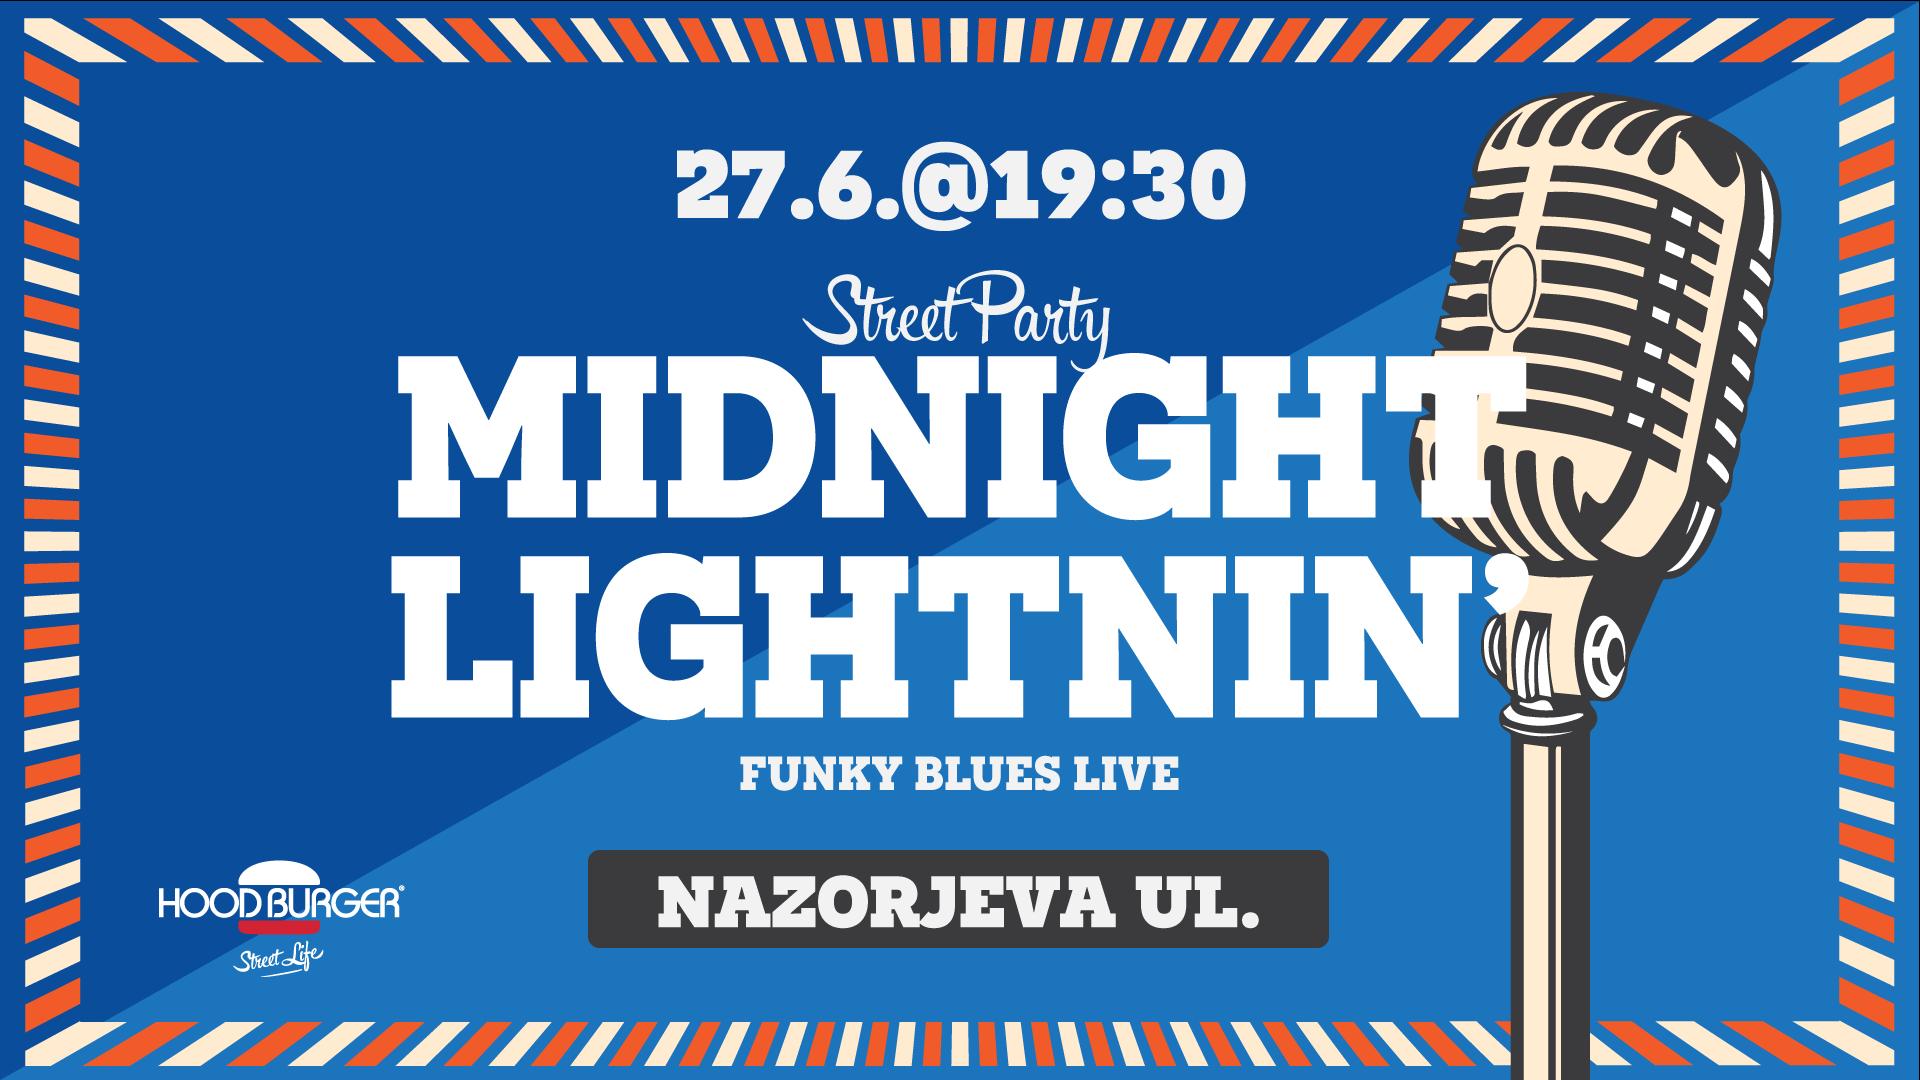 FB-event-MIDNIGHTLIGHTNIN.png